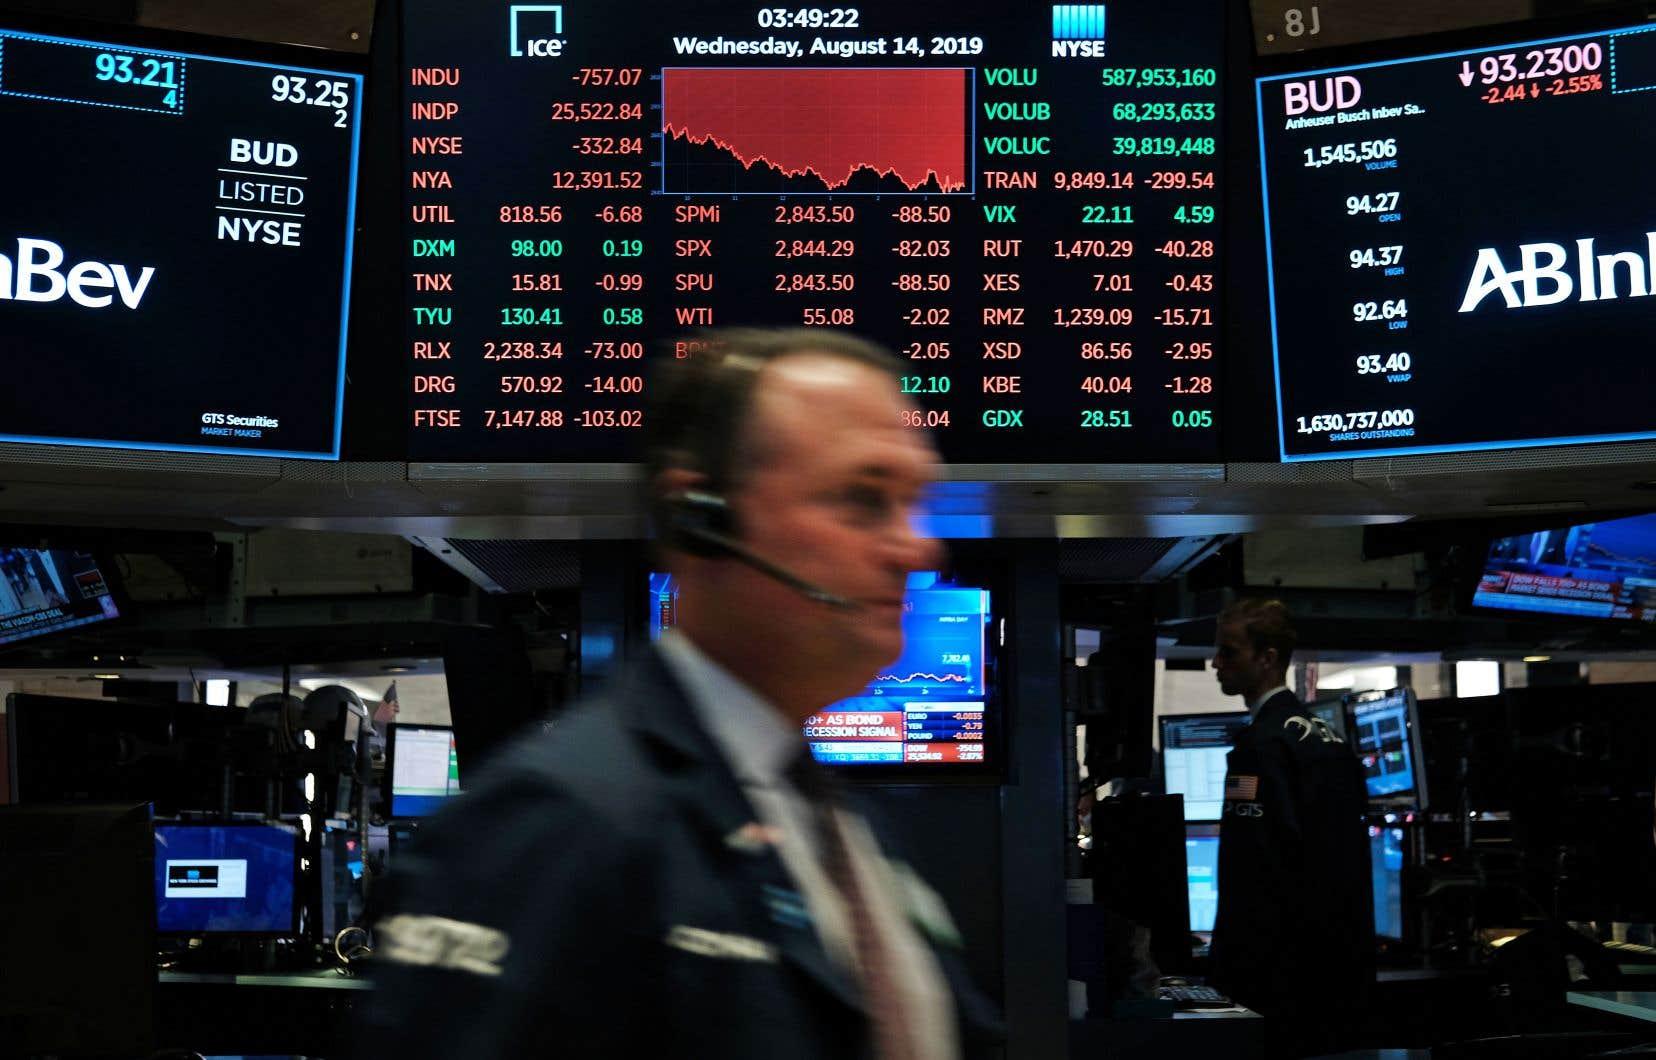 La Bourse de New York a encaissé mercredi sa plus lourde perte quotidienne de l'année.